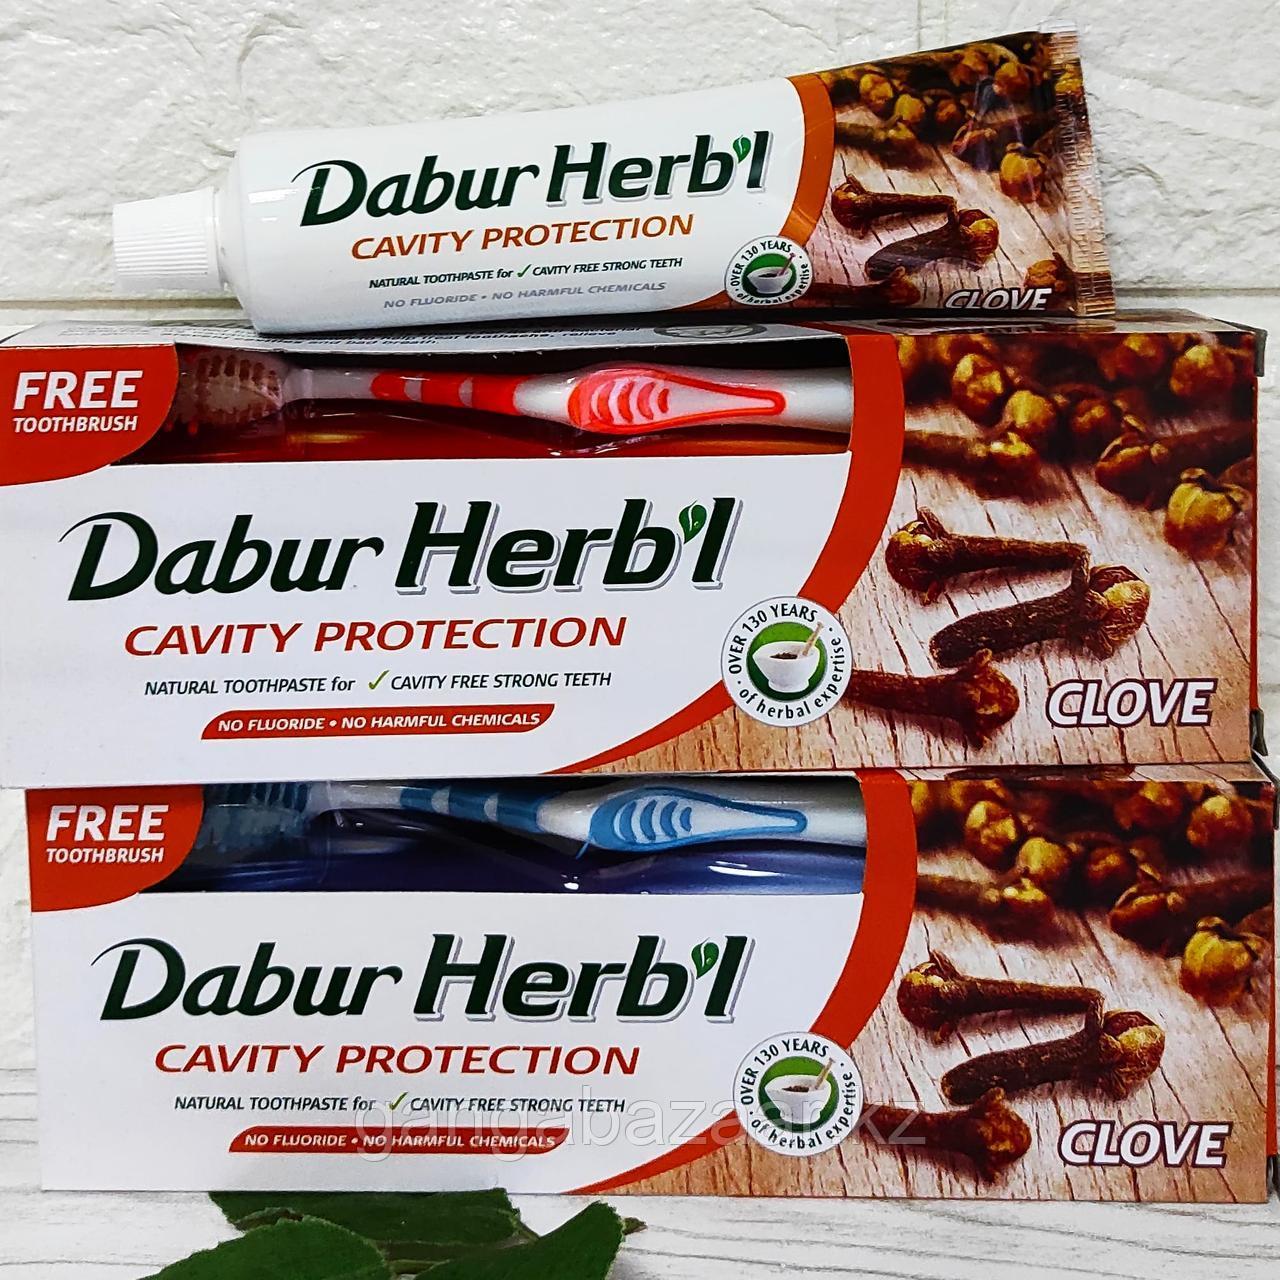 Зубная паста с гвоздикой Дабур Хербл (Dabur Herbl Clove, Cavity Protection) + зубная щетка, 150 гр